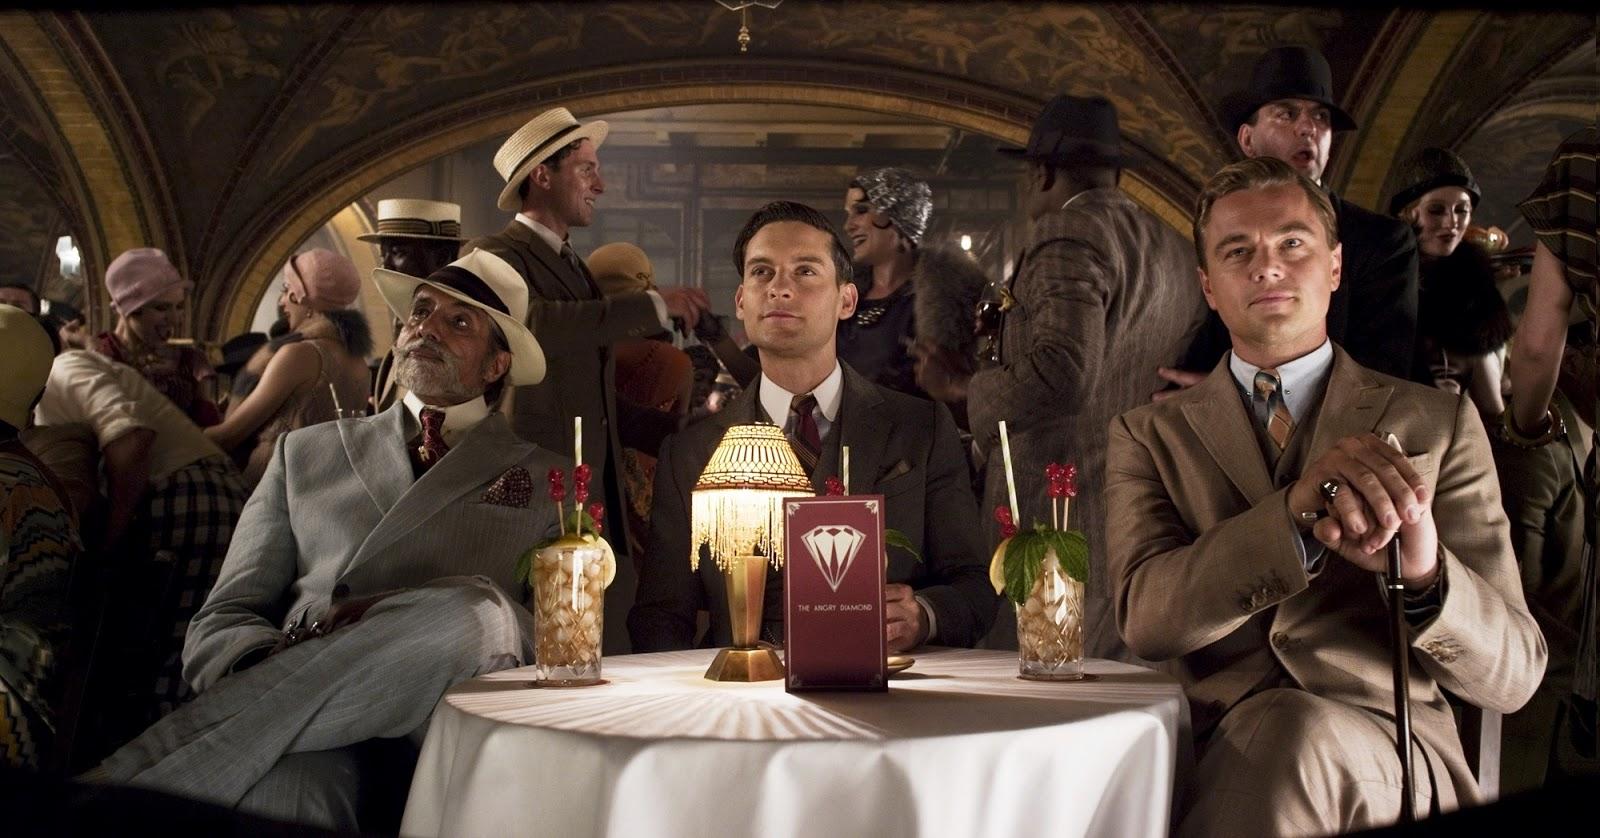 Amitabh Bachchan, Tobey Maguire and Leonardo DiCaprio